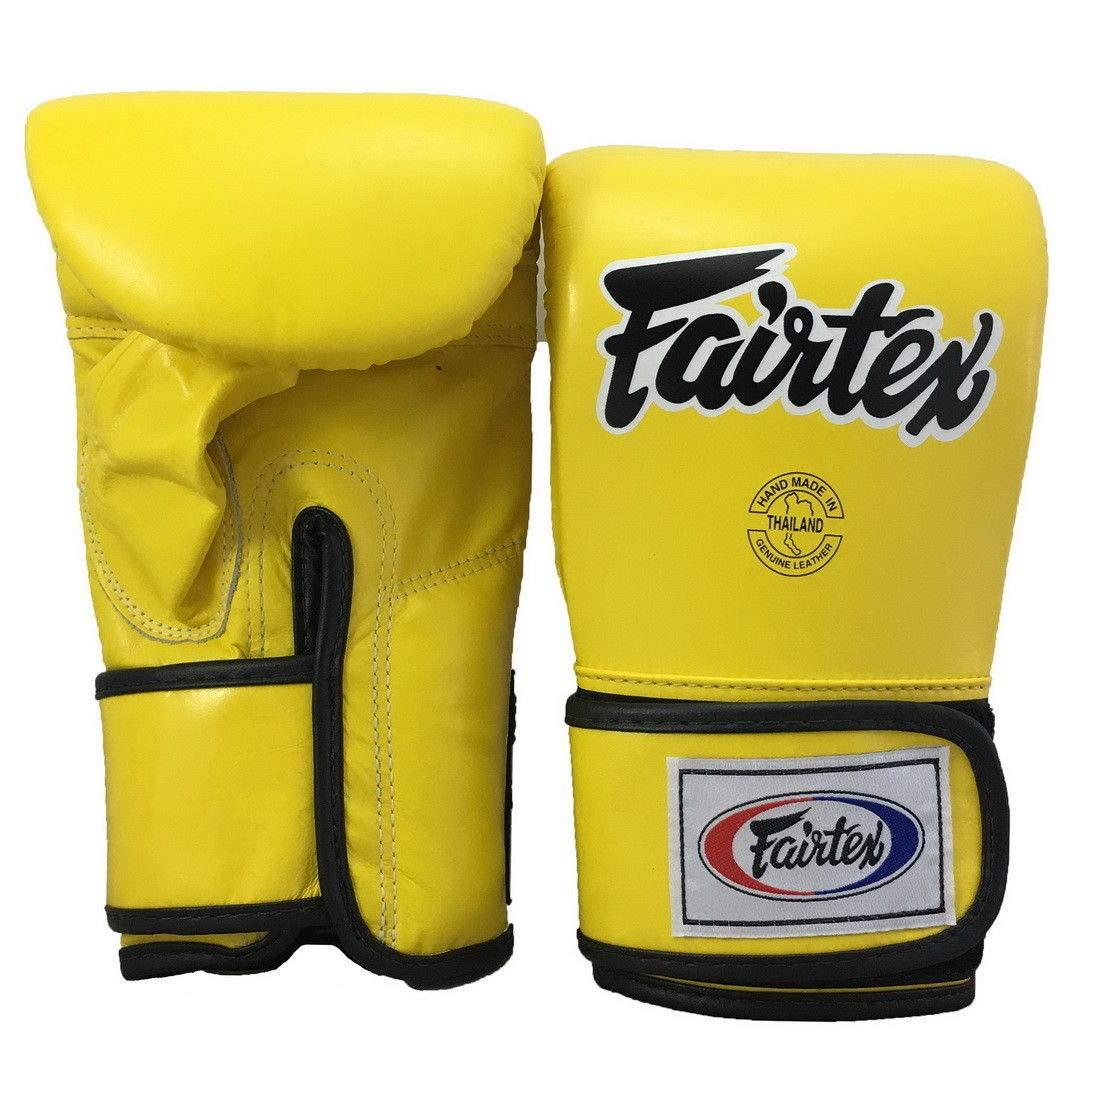 Fairtex TGT7 黄色 黒 パイピング クローストレーナー ボクシング&バッグ グローブ ムエタイ キックボクシング MMA K1 サイズ L